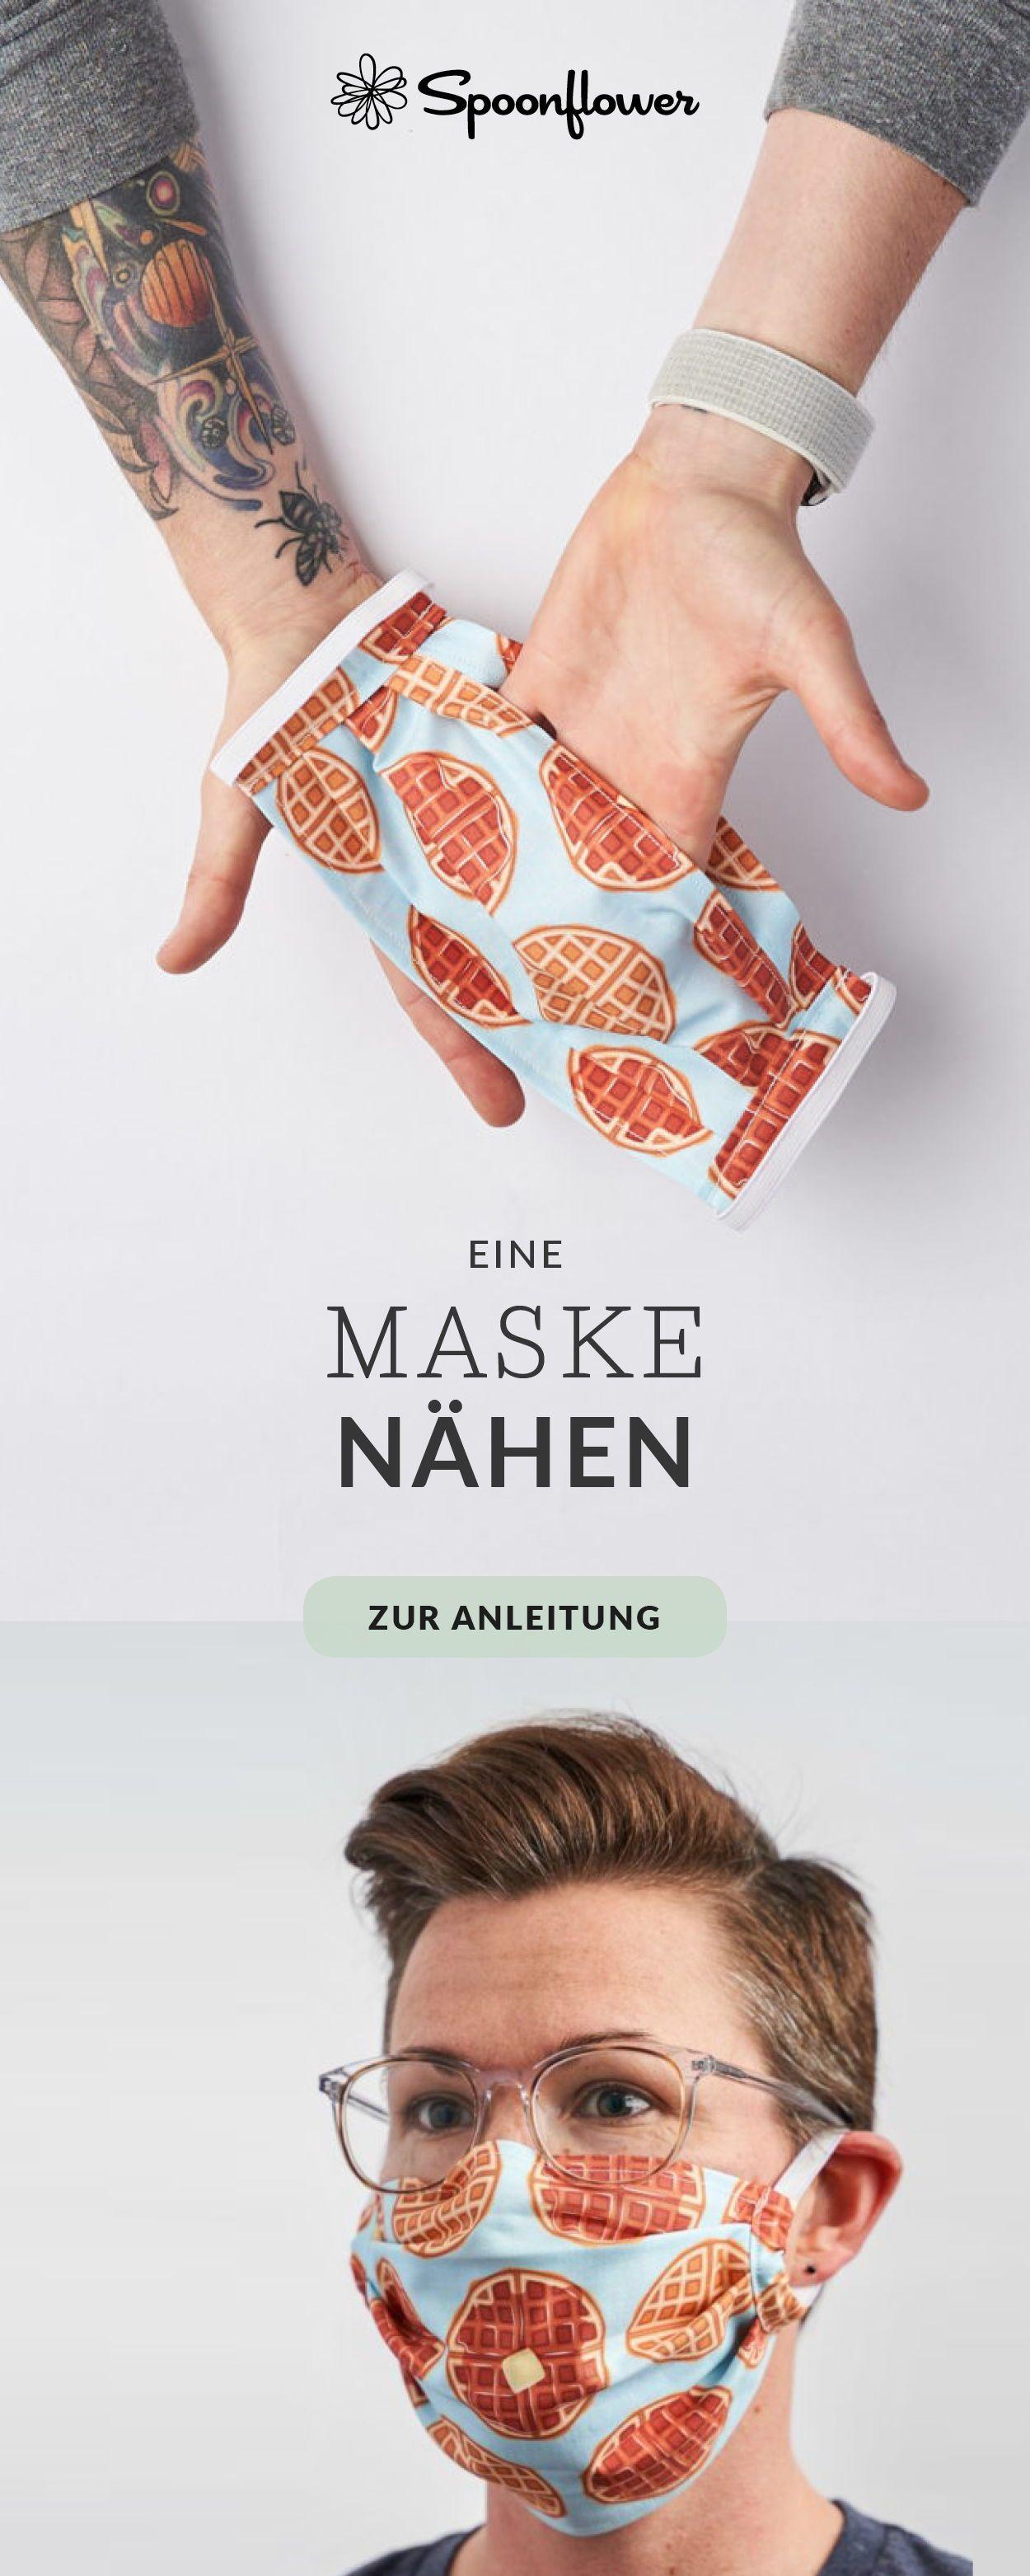 Anleitung: Eine Maske nähen | Spoonflower Blog